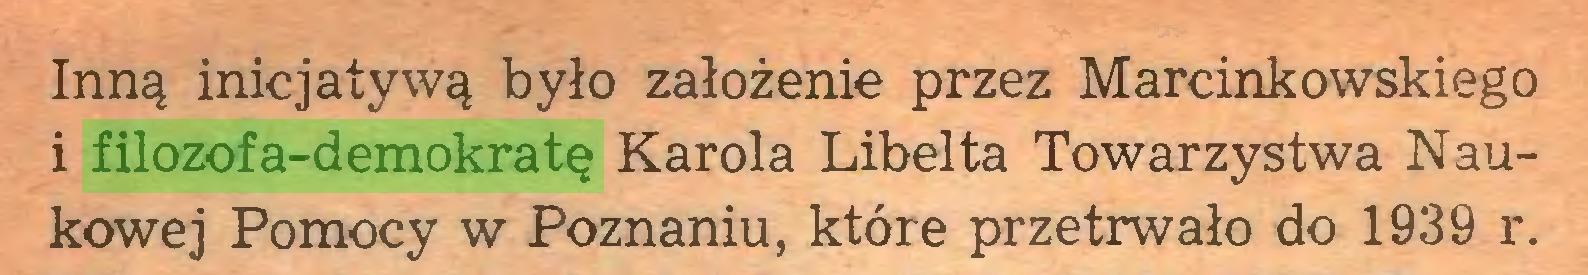 (...) Inną inicjatywą było założenie przez Marcinkowskiego i filozofa-demokratę Karola Libelta Towarzystwa Naukowej Pomocy w Poznaniu, które przetrwało do 1939 r...